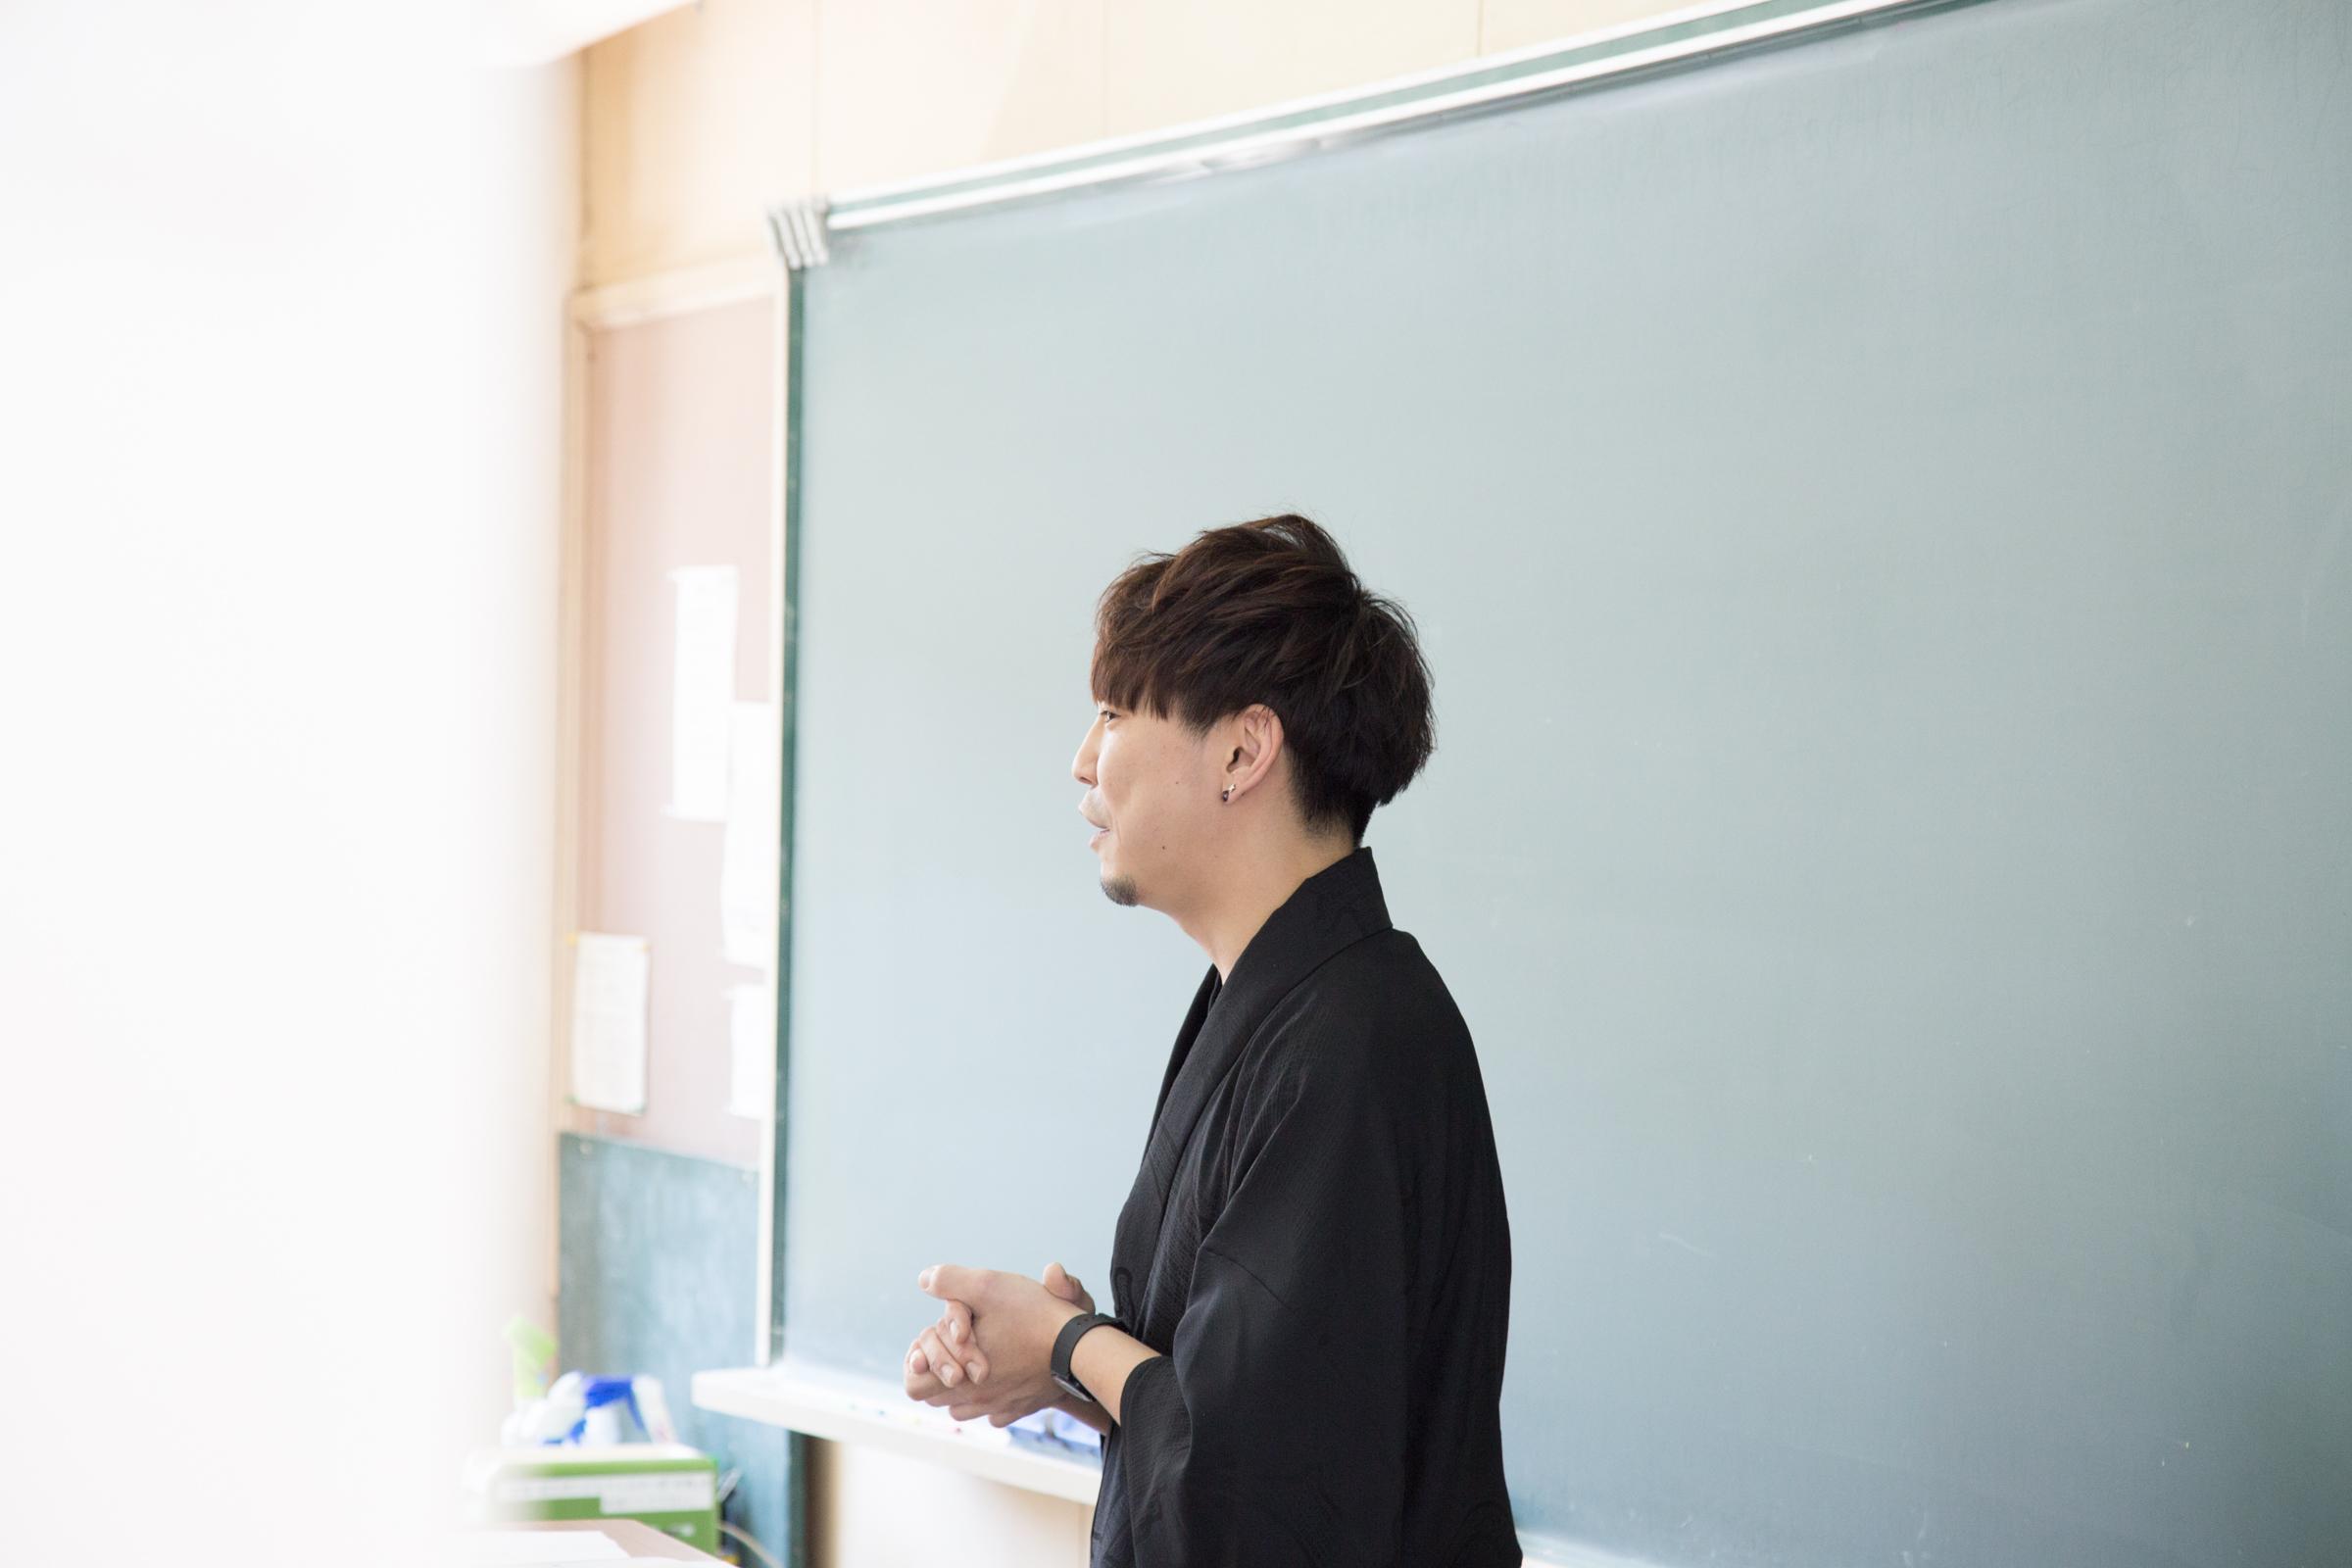 高校デビュー矢島